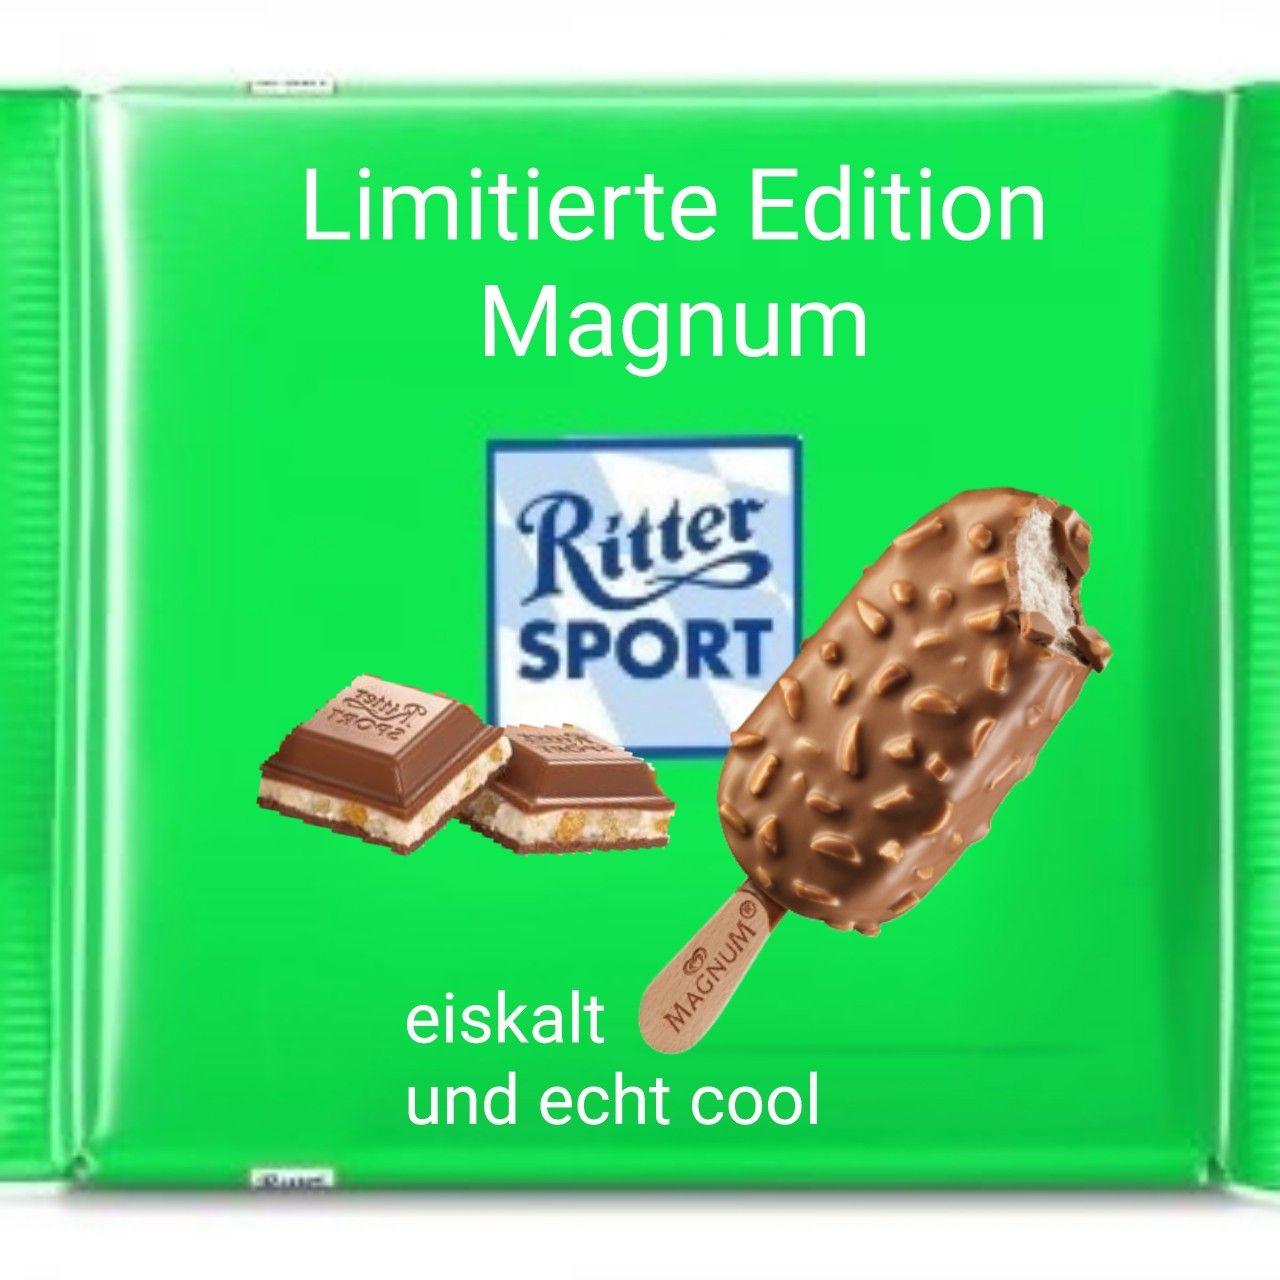 Ritter Sport lustig witzig Sprüche Bild Bilder. Magnum